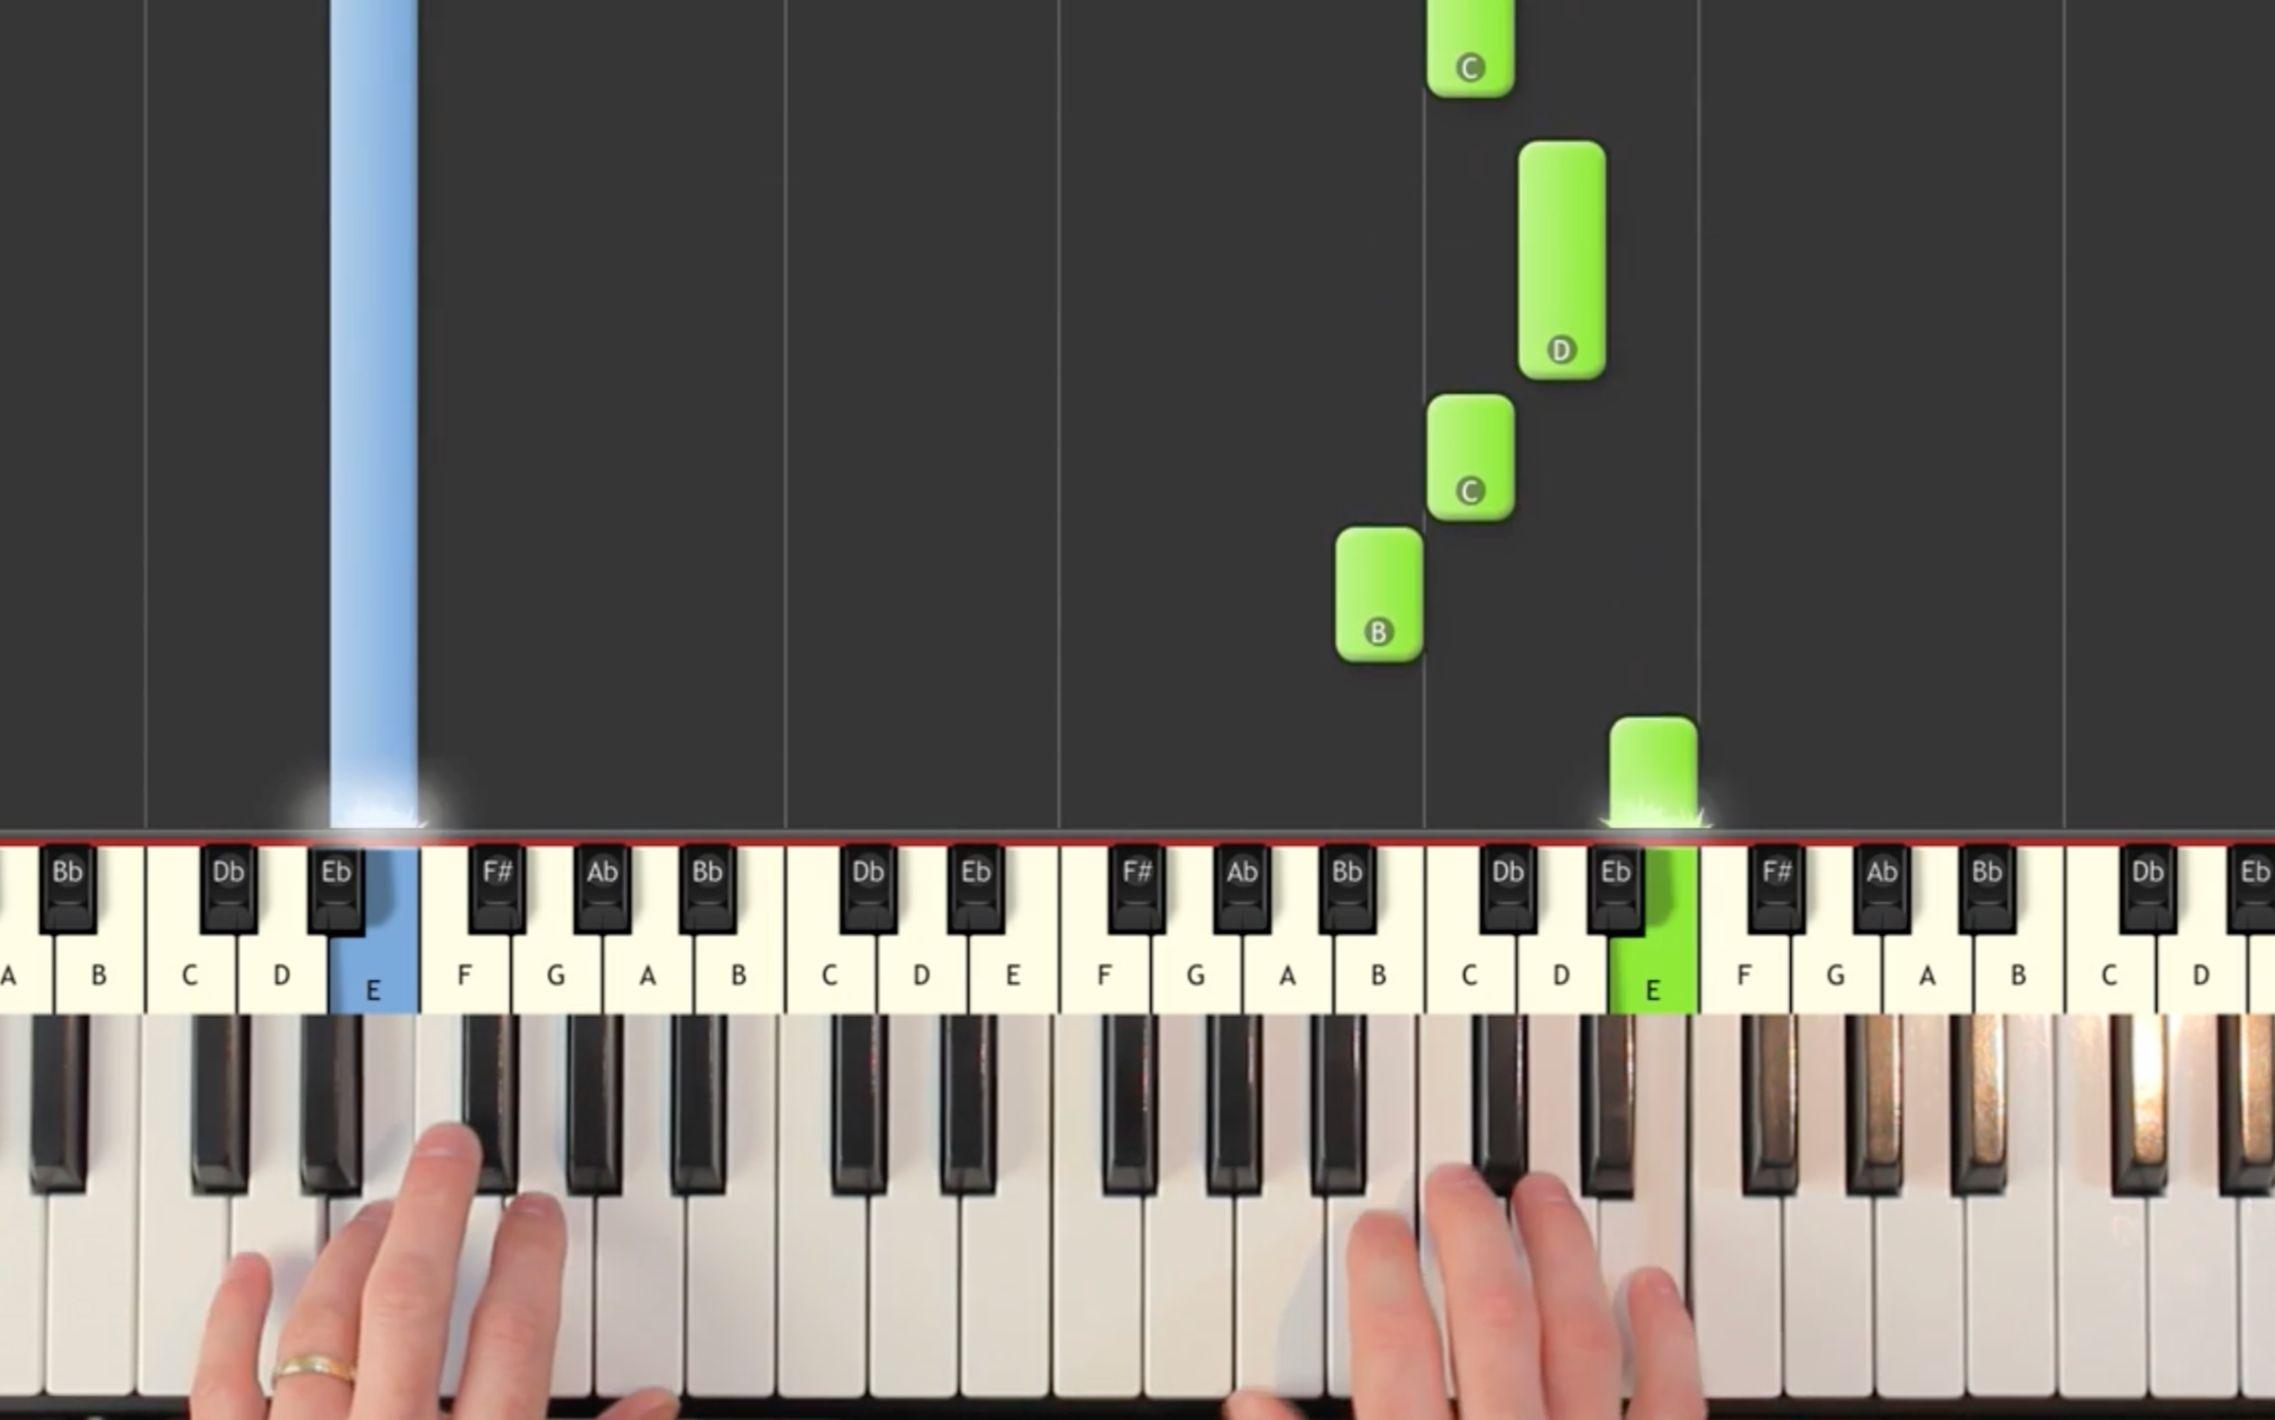 【钢琴教学】玩了这么多年的俄罗斯方块BGM居然用钢琴演奏这么好听?